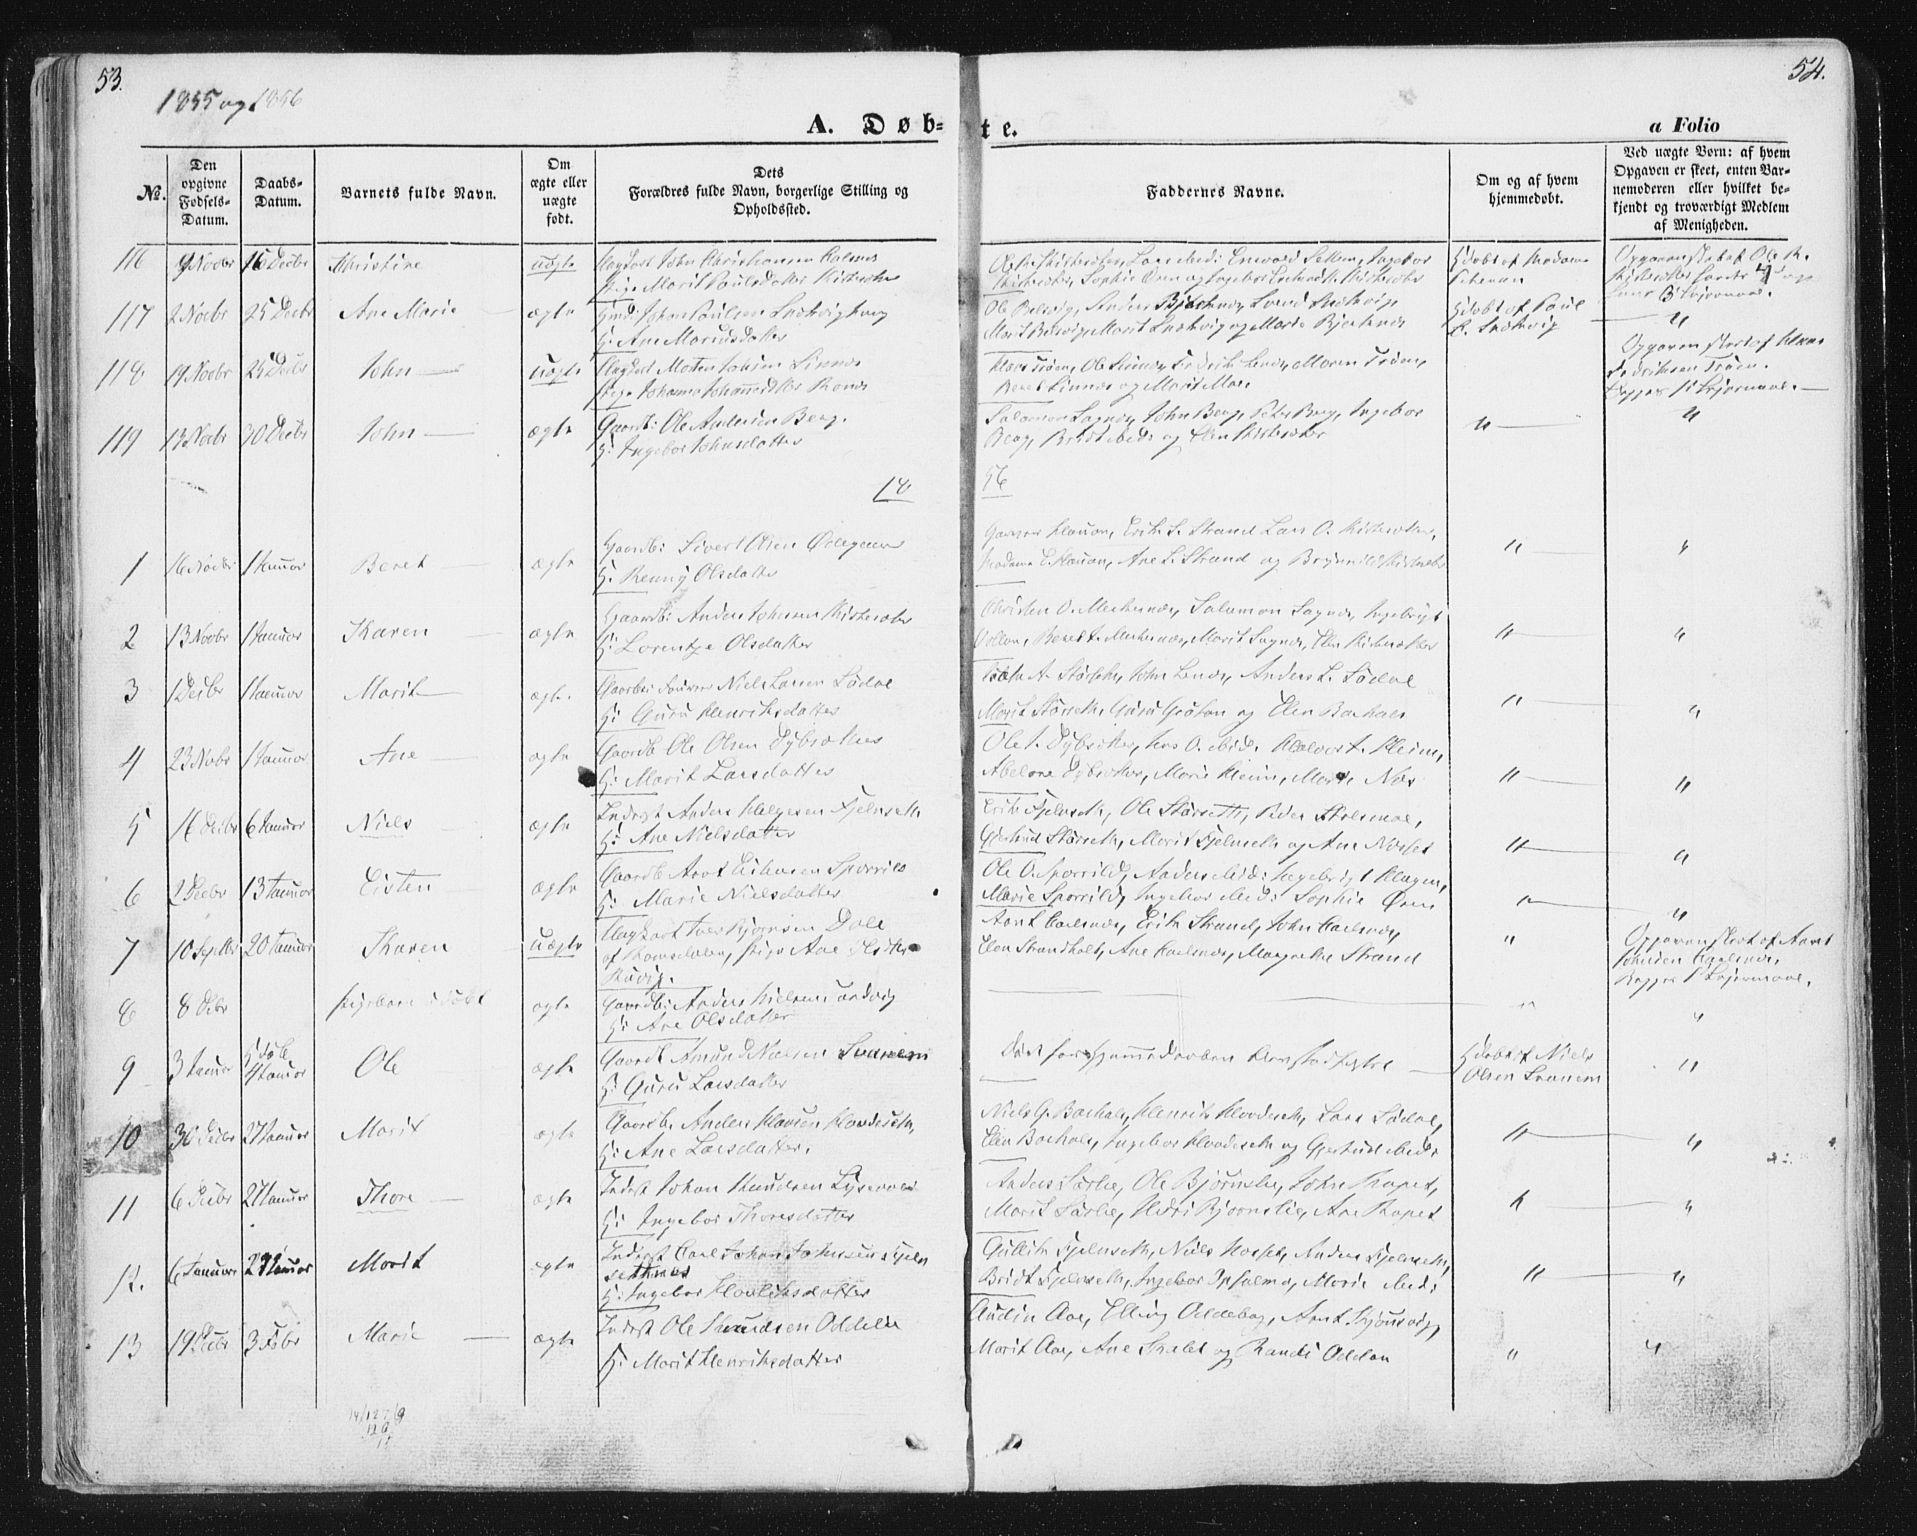 SAT, Ministerialprotokoller, klokkerbøker og fødselsregistre - Sør-Trøndelag, 630/L0494: Ministerialbok nr. 630A07, 1852-1868, s. 53-54